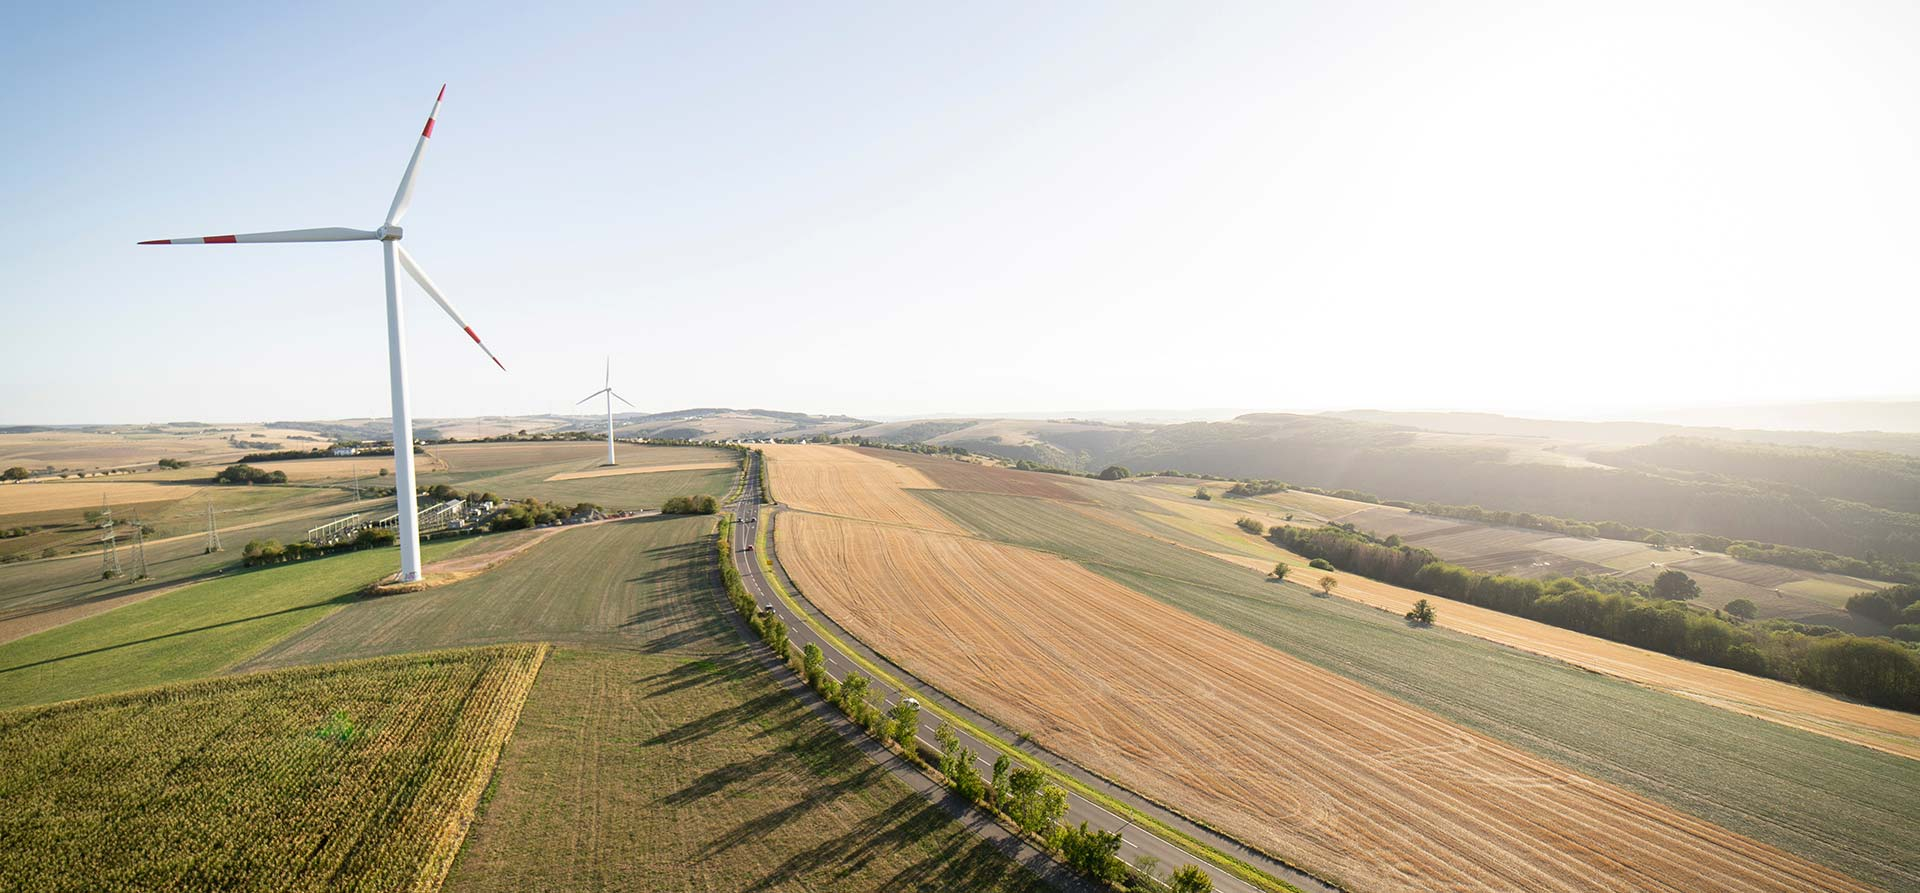 Windmills on farms